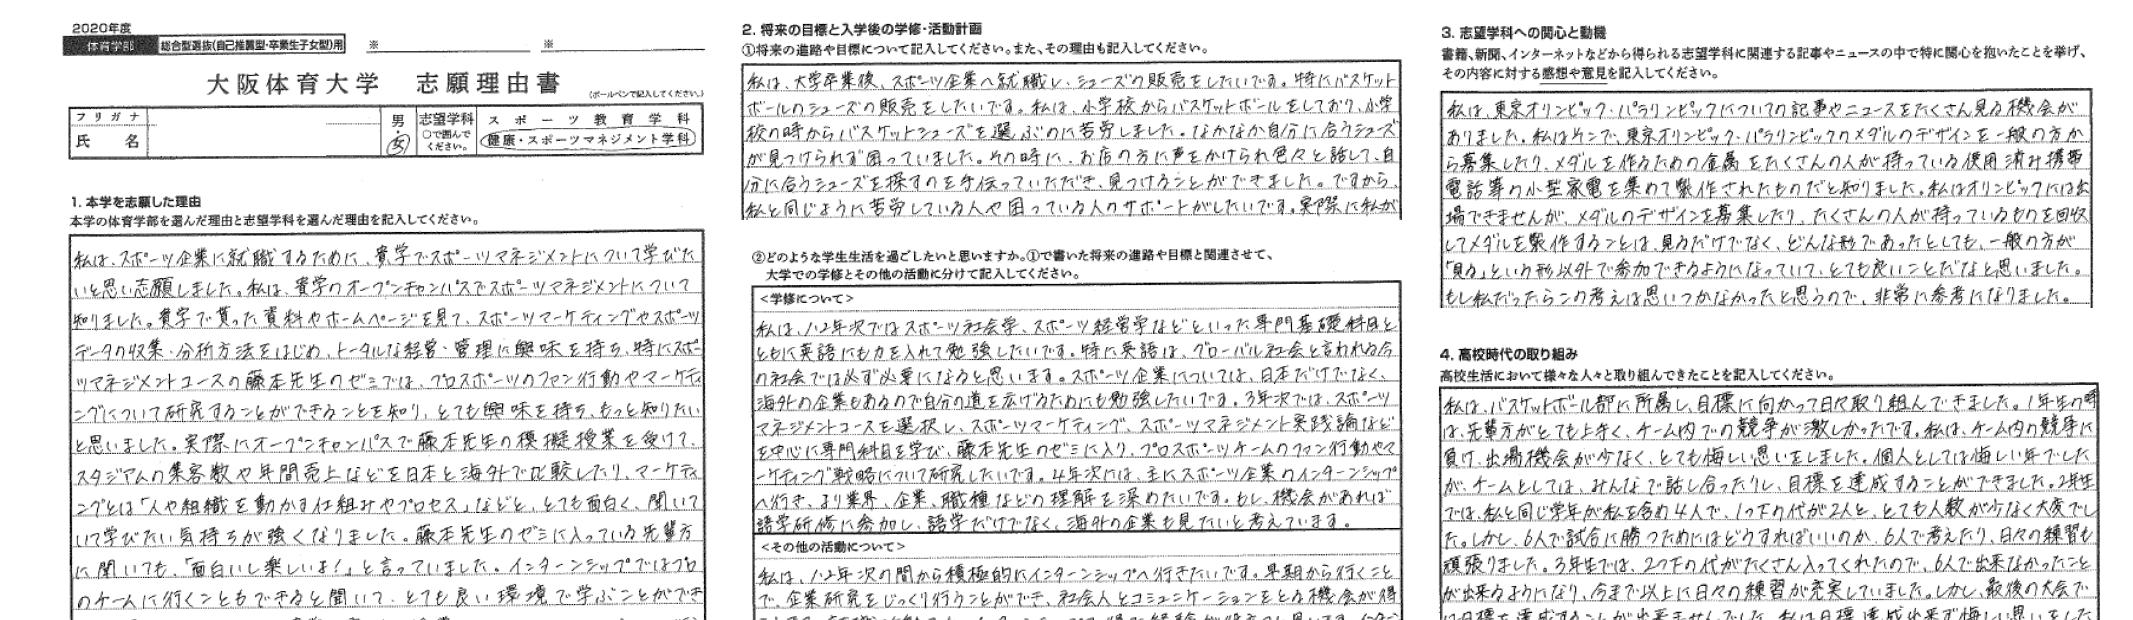 大阪体育 志願理由書.png